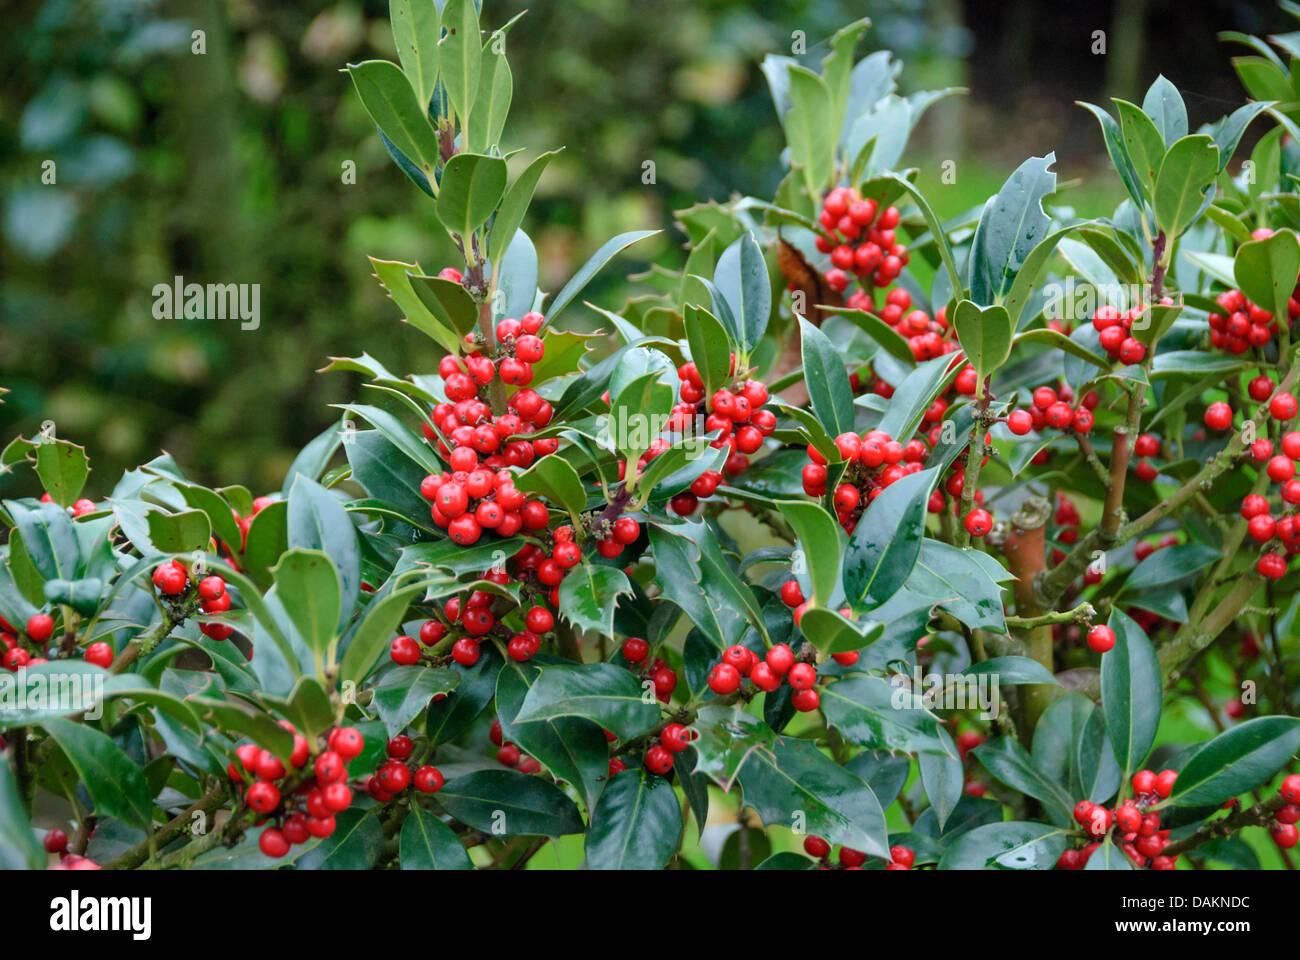 Agrifoglio comune inglese holly ilex aquifolium jc van for Agrifoglio immagini